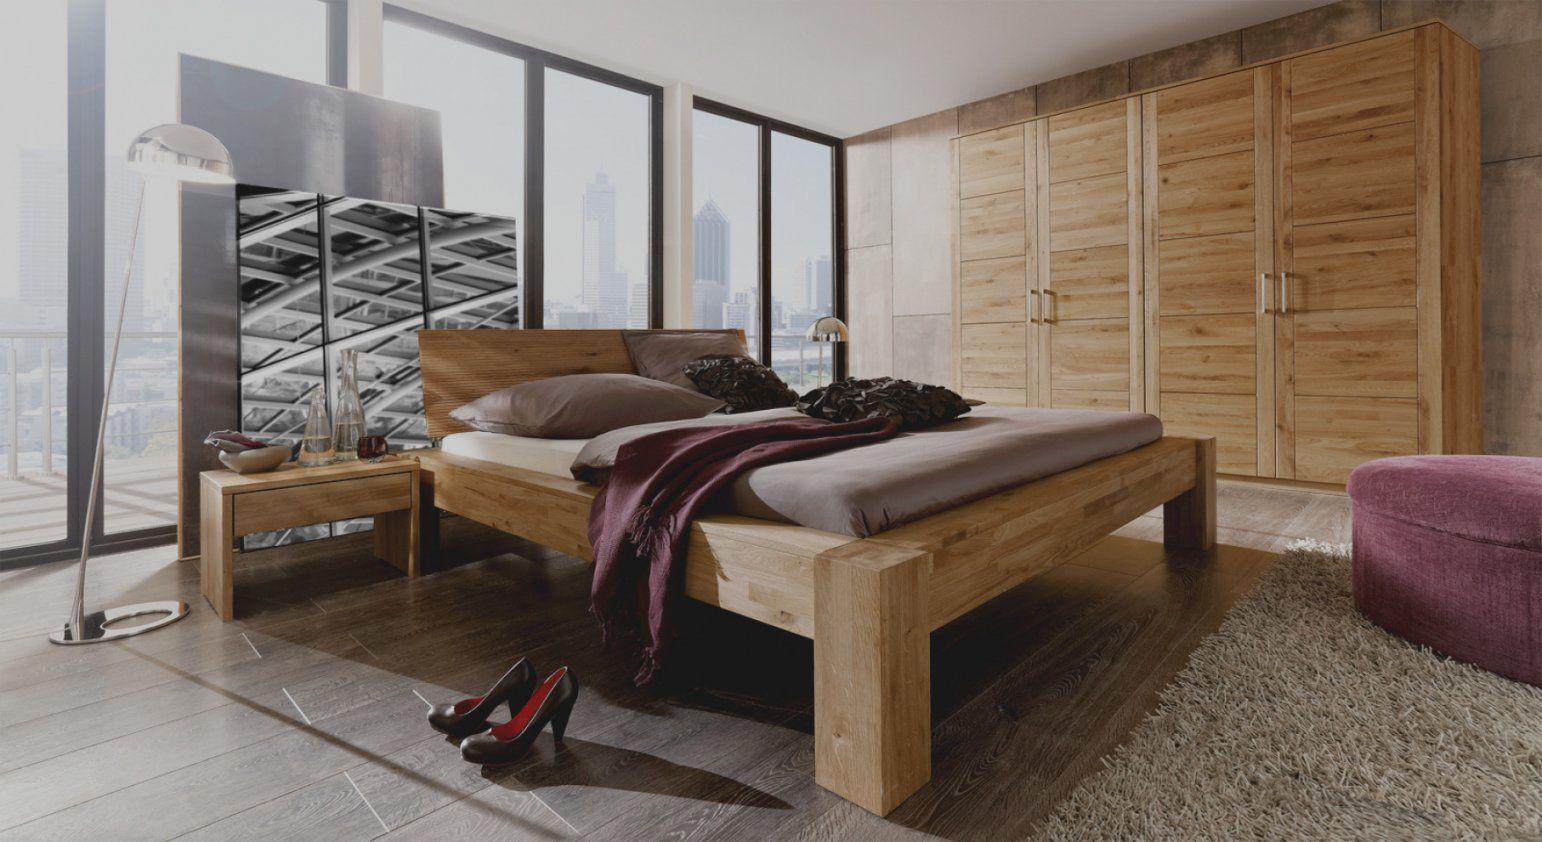 Wunderbar Schlafzimmer Komplett Massivholz Aus Günstig Kaufen Betten von Schlafzimmer Komplett Massivholz Günstig Photo